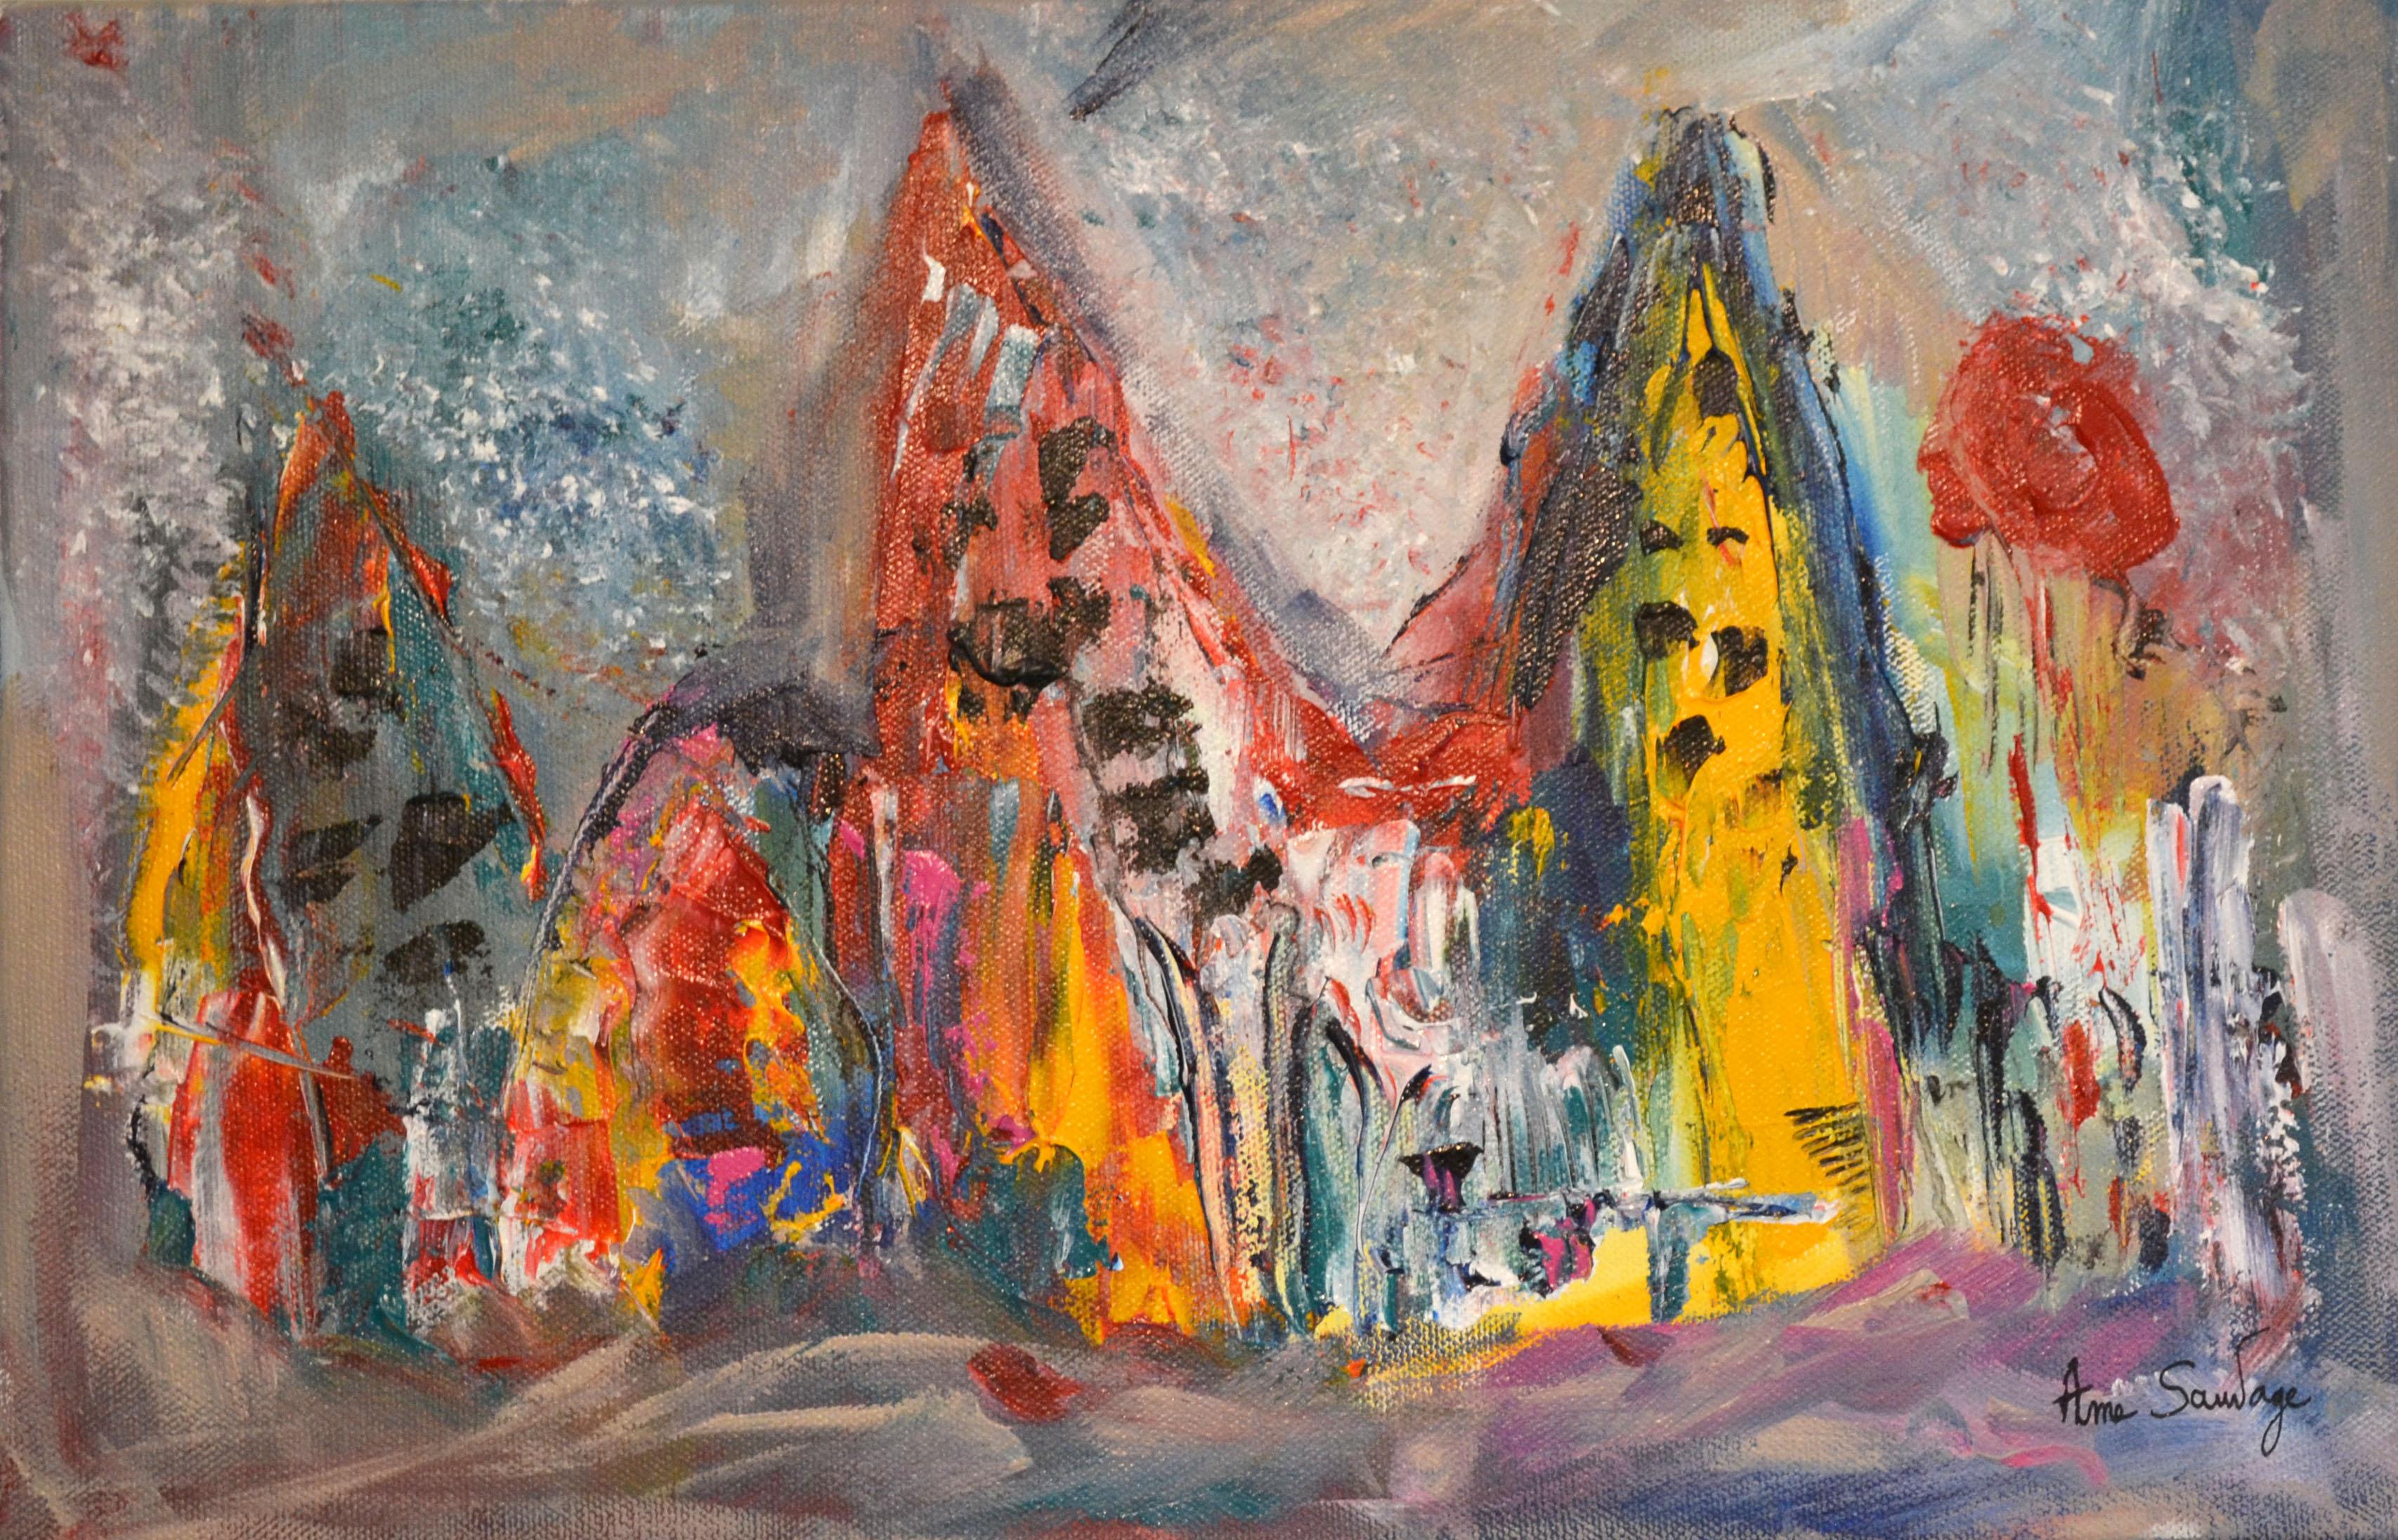 Tableau contemporain peinture abstraite multicolore de l - Peinture contemporaine au couteau ...